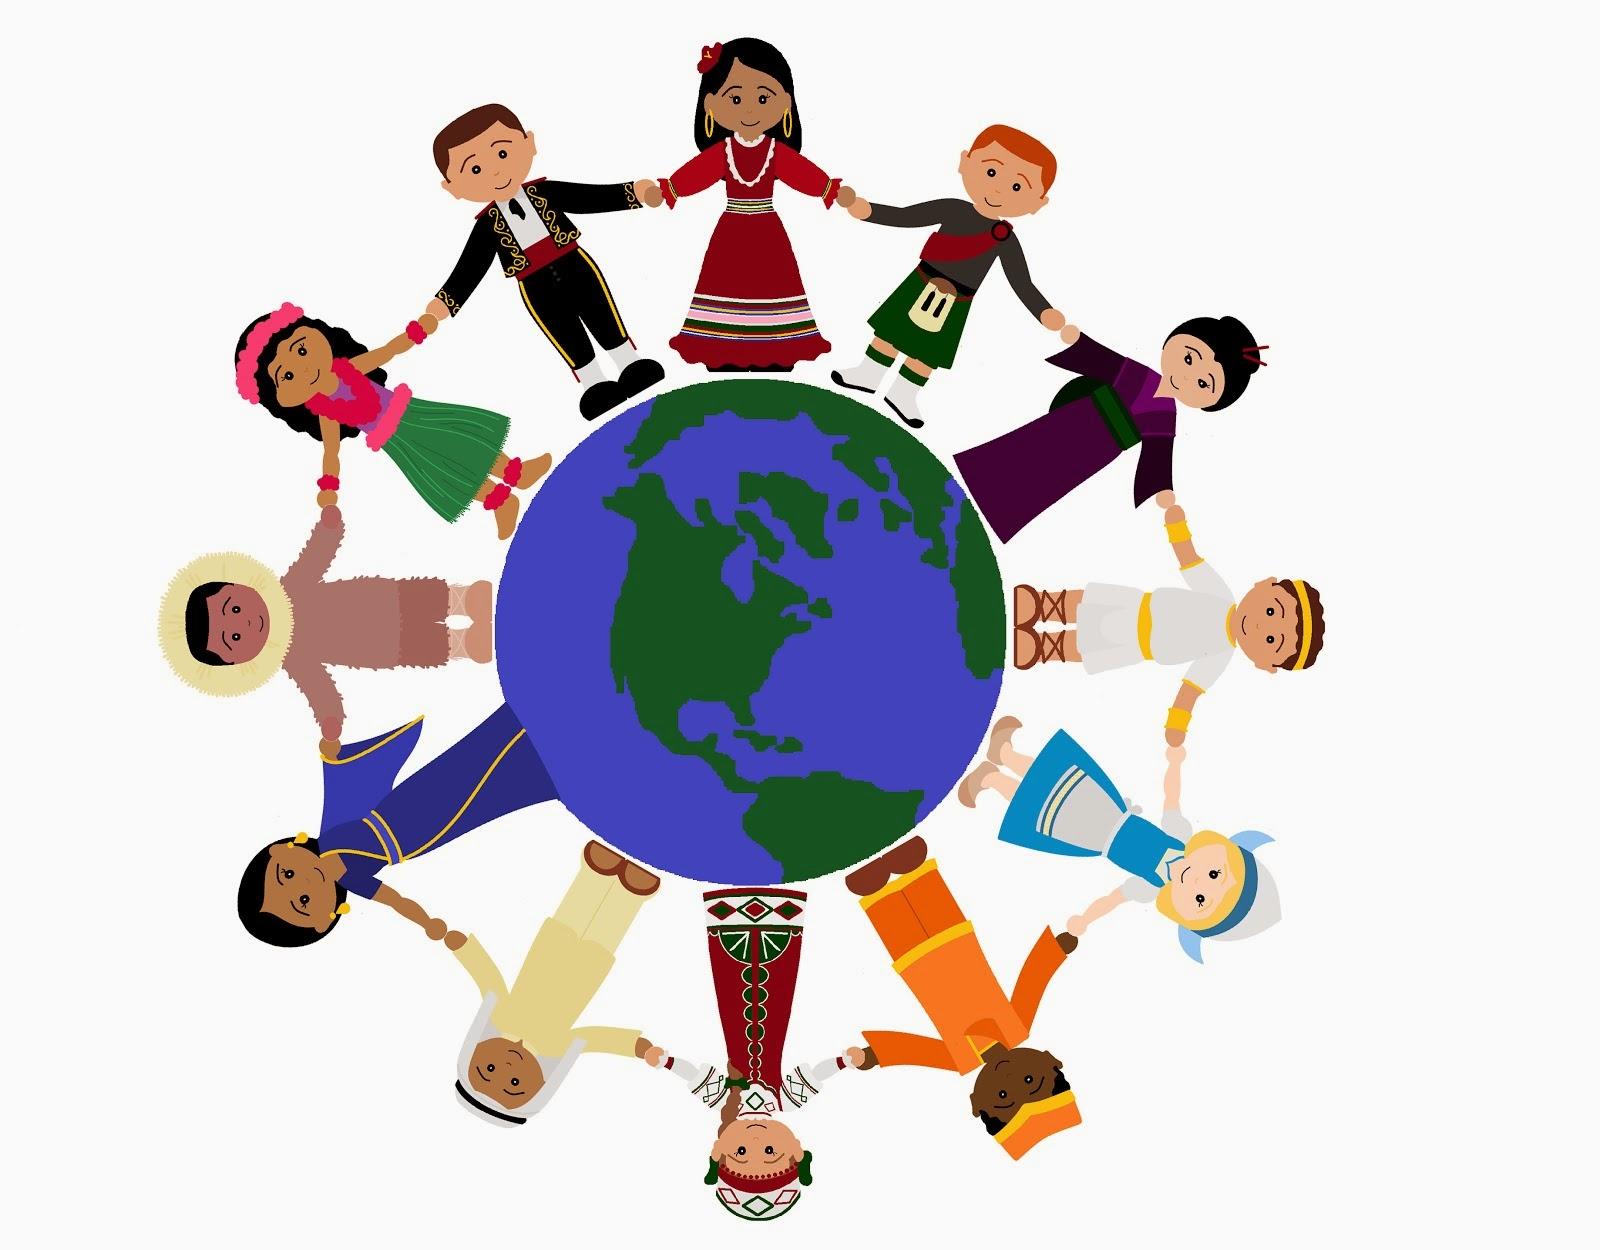 Αποτέλεσμα εικόνας για world holding hands kids